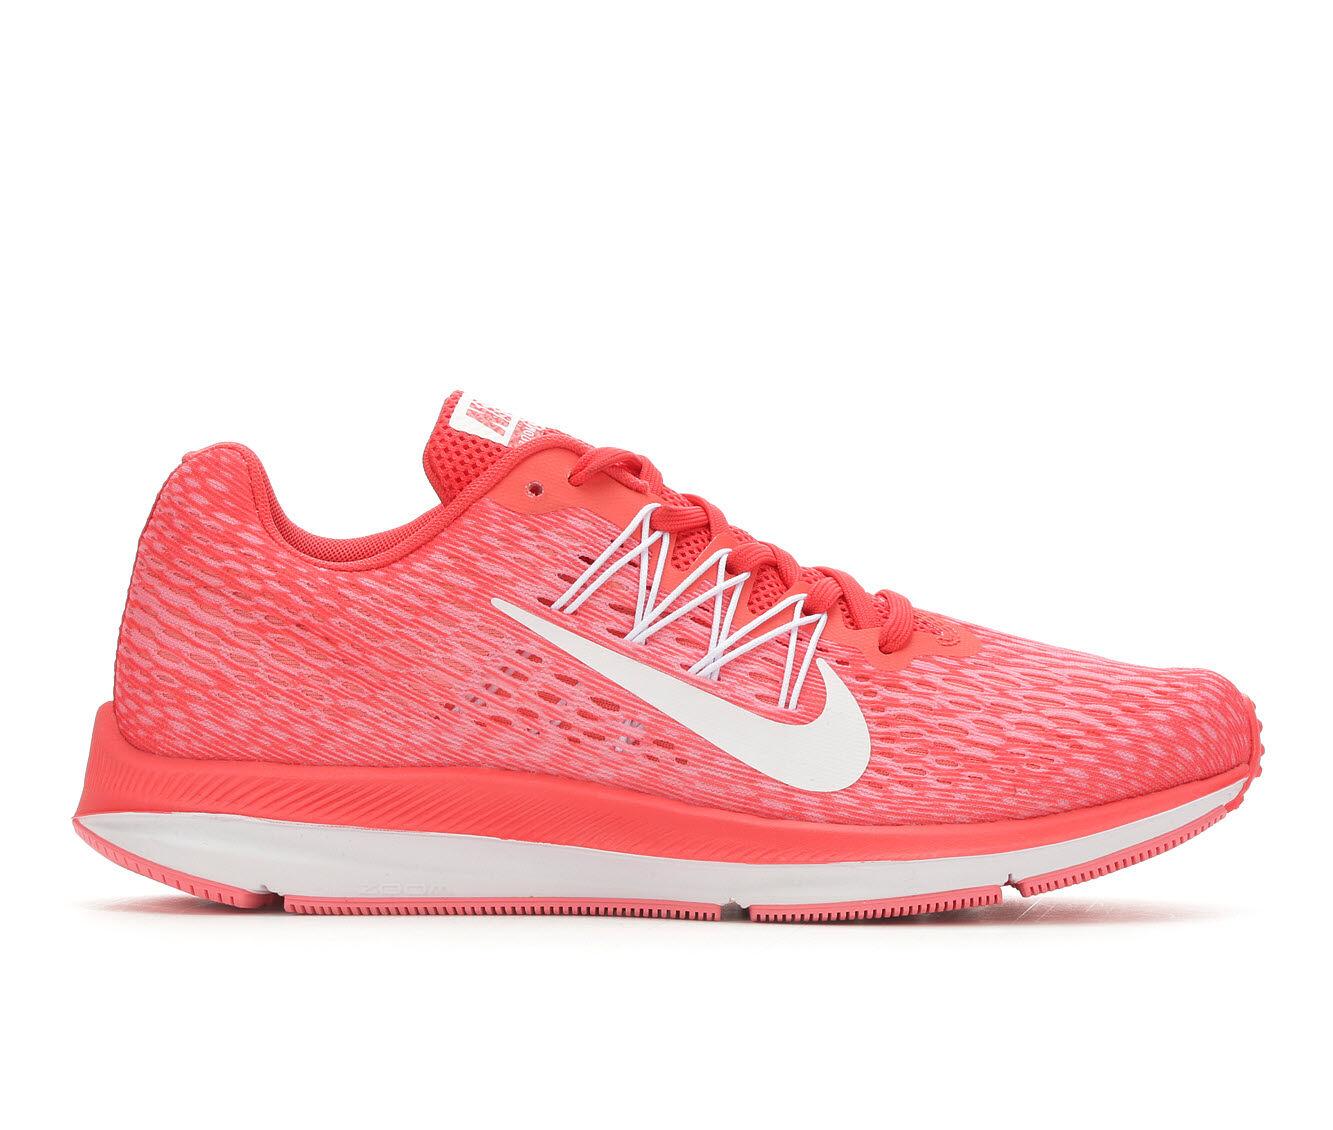 Nike Free Haven 3.0 Nike Free Haven 3.0 Shield  5c64e575c3